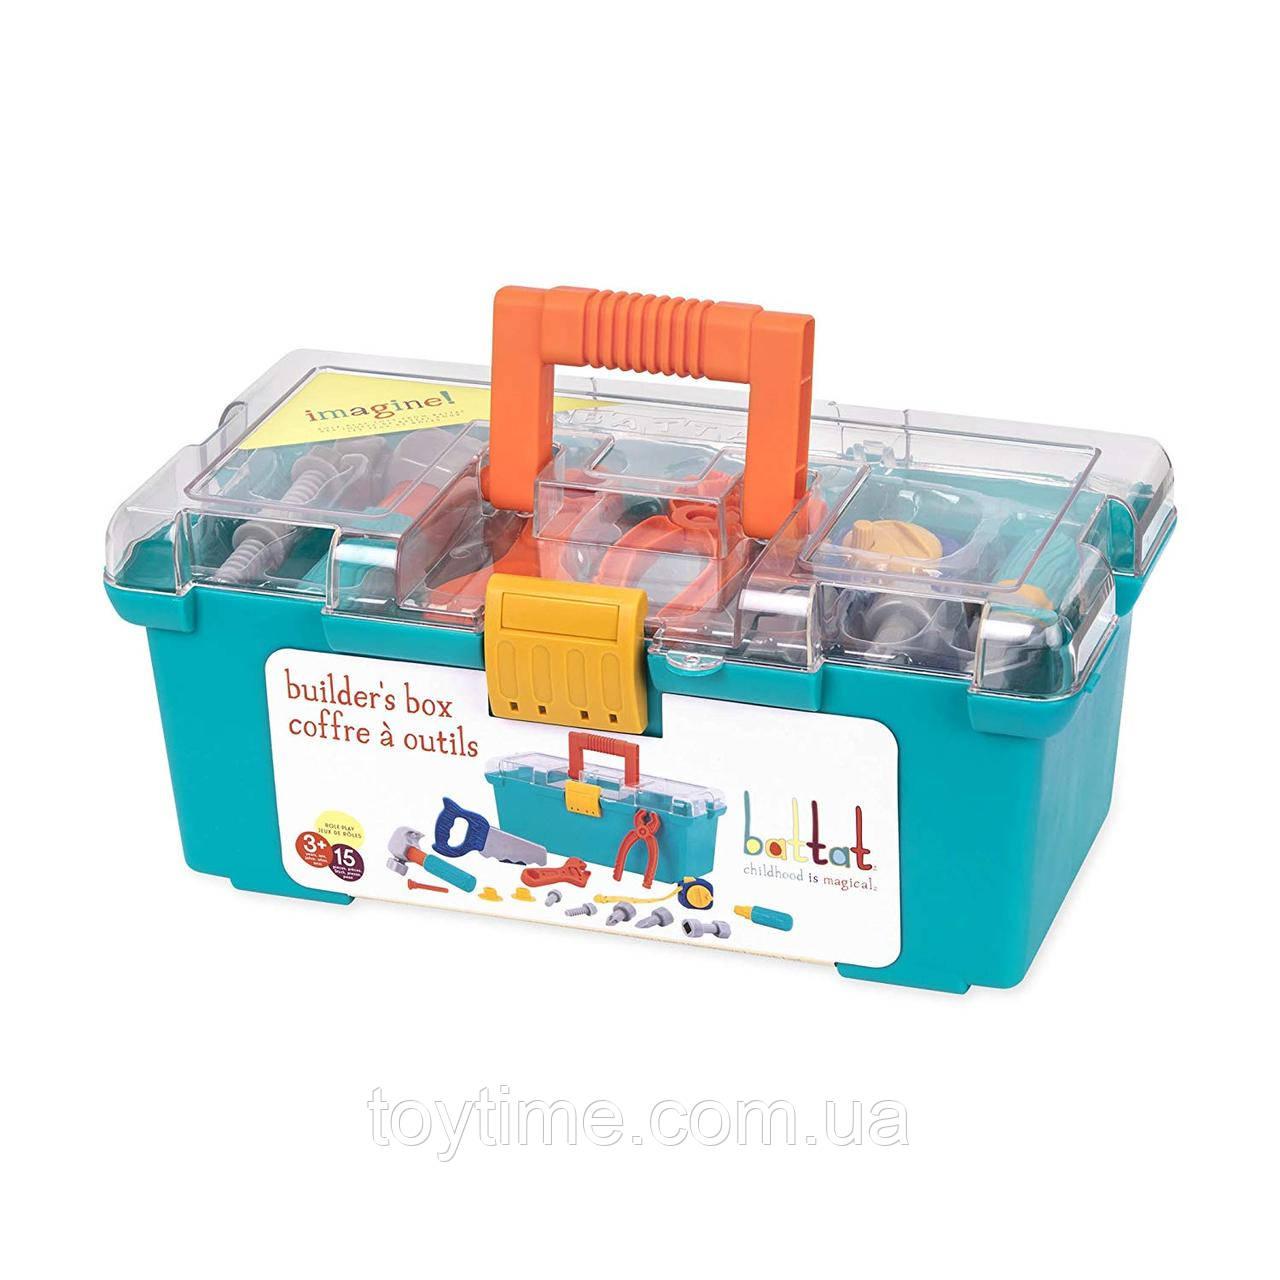 Детский набор строителя от Battat / Battat – Builder Tool Box – Durable Kids Tool Set